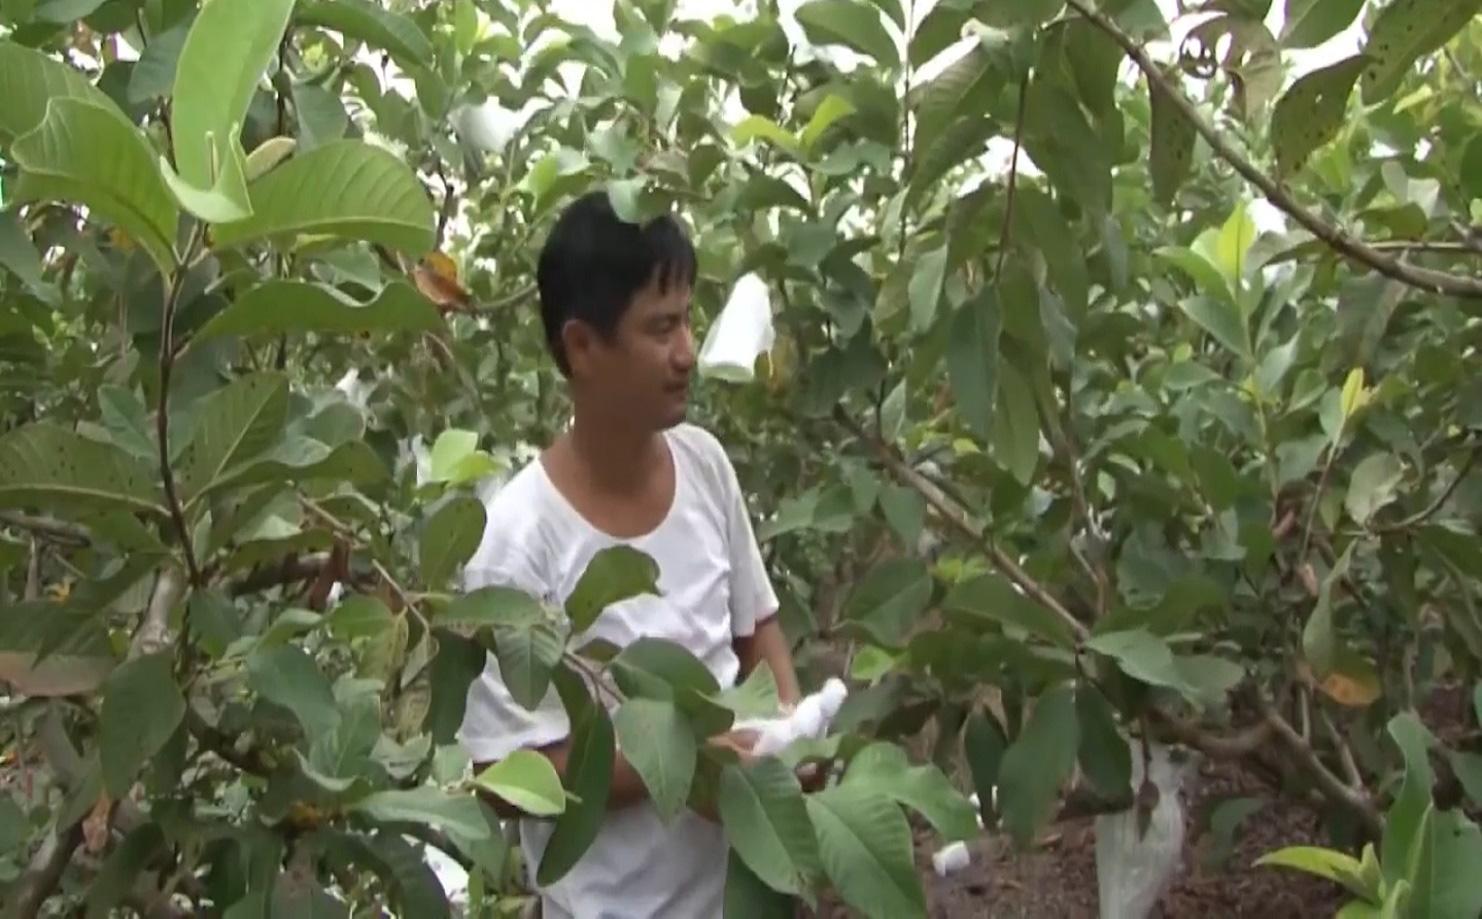 Anh nông dân trồng ổi theo quy trình VietGAP, vườn ổi ngày nào cũng sai trái hơn, đầu ra cũng ngày càng thuận lợi - Ảnh 4.